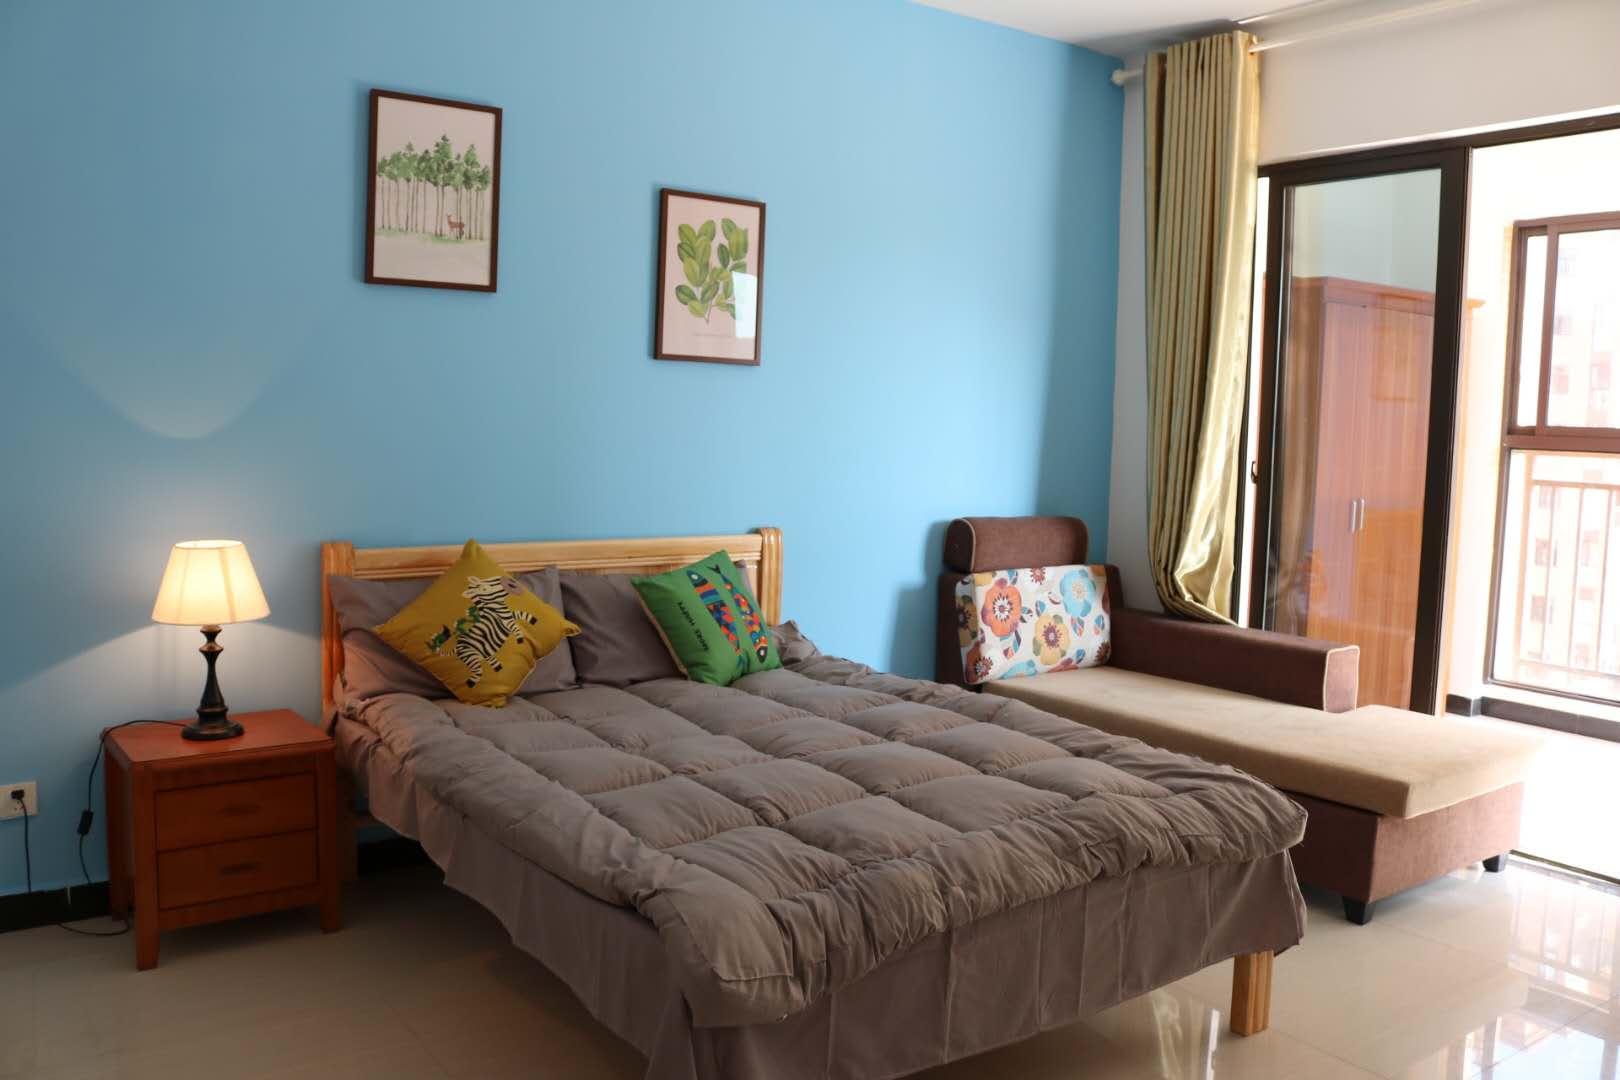 網格品牌公寓公司|找有品質的公寓出租,就到湖南網格品牌公寓